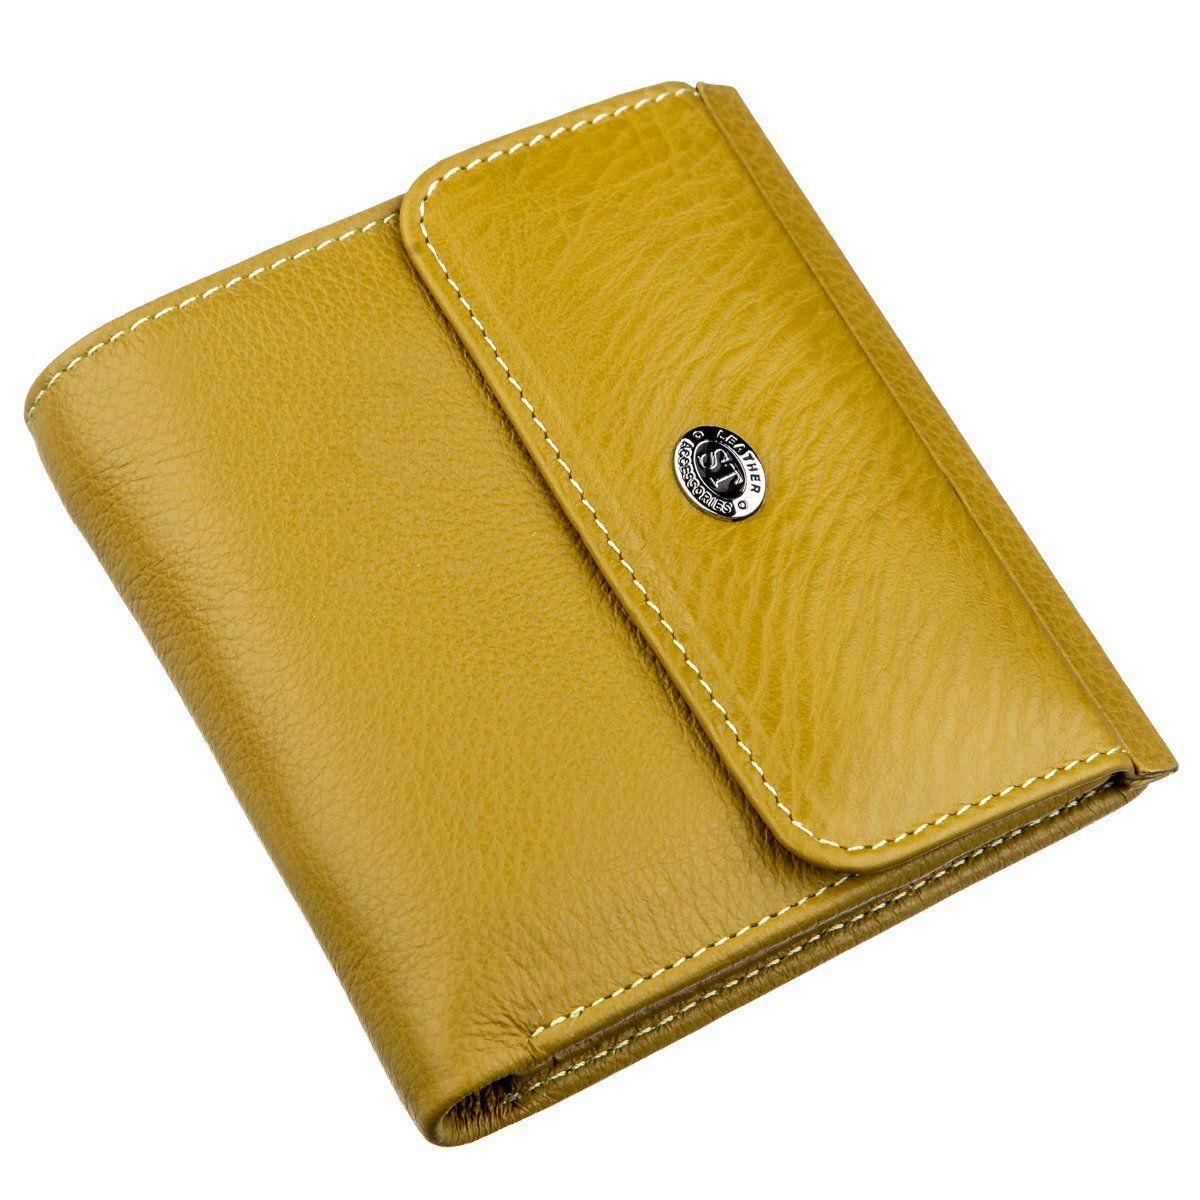 Оригинальный женский кошелек с монетницей ST Leather 18922 Горчичный, Горчичный